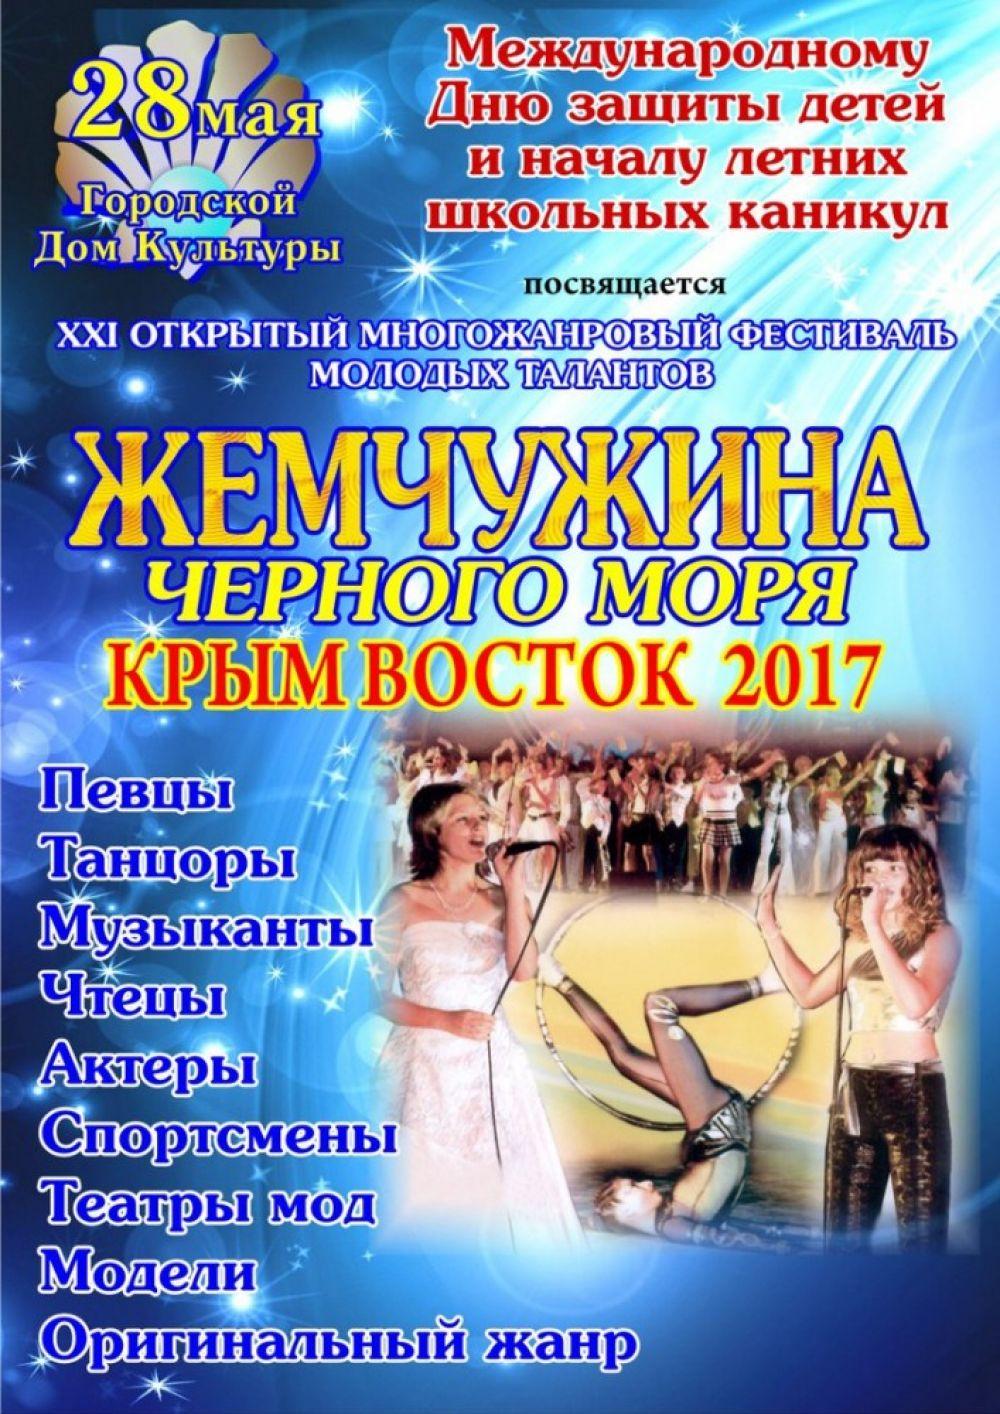 Около 150 детей съедутся в Феодосию на фестиваль «Жемчужина Черного моря»